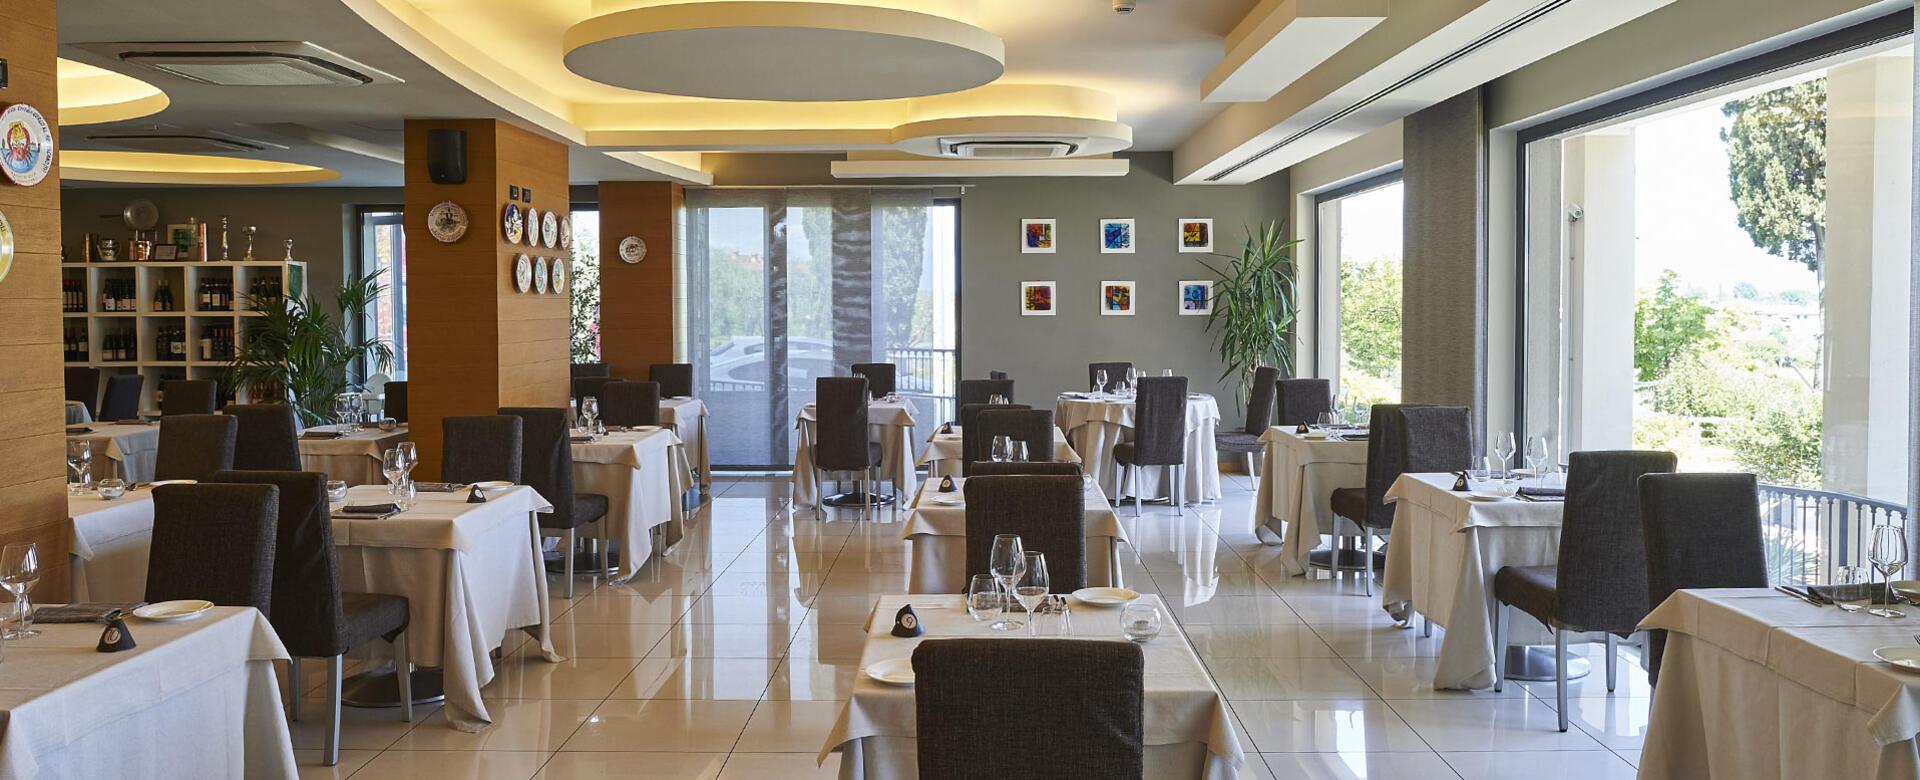 hotelvillaluisa it gastronomia 003